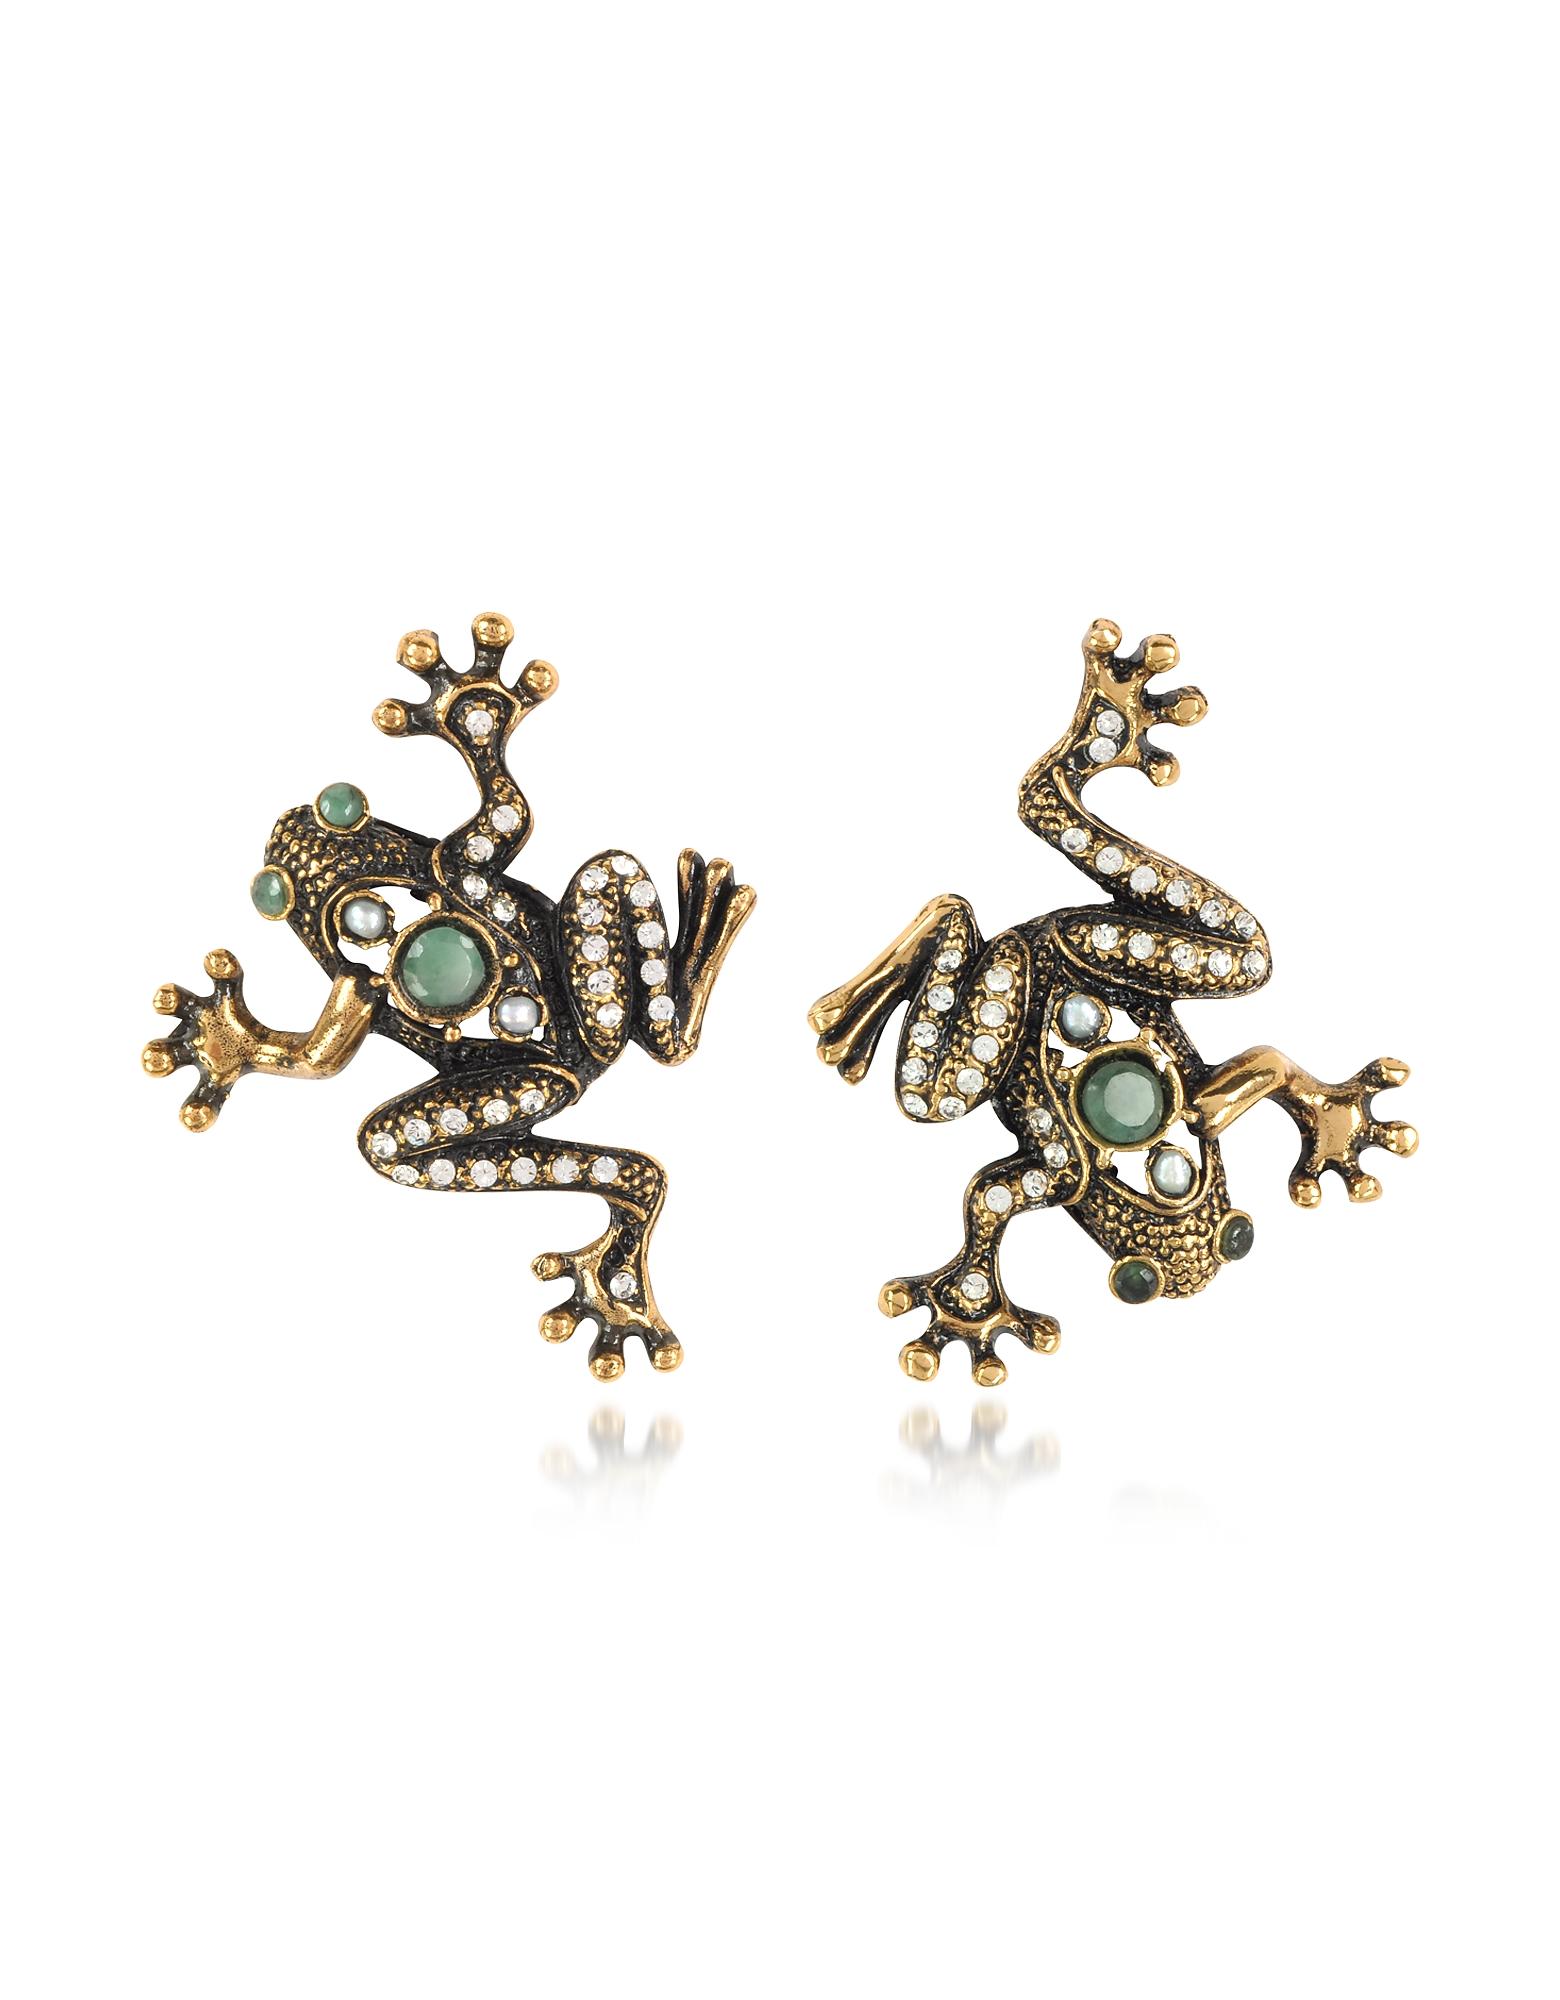 Alcozer & J Earrings, Frog Earrings w/Crystals